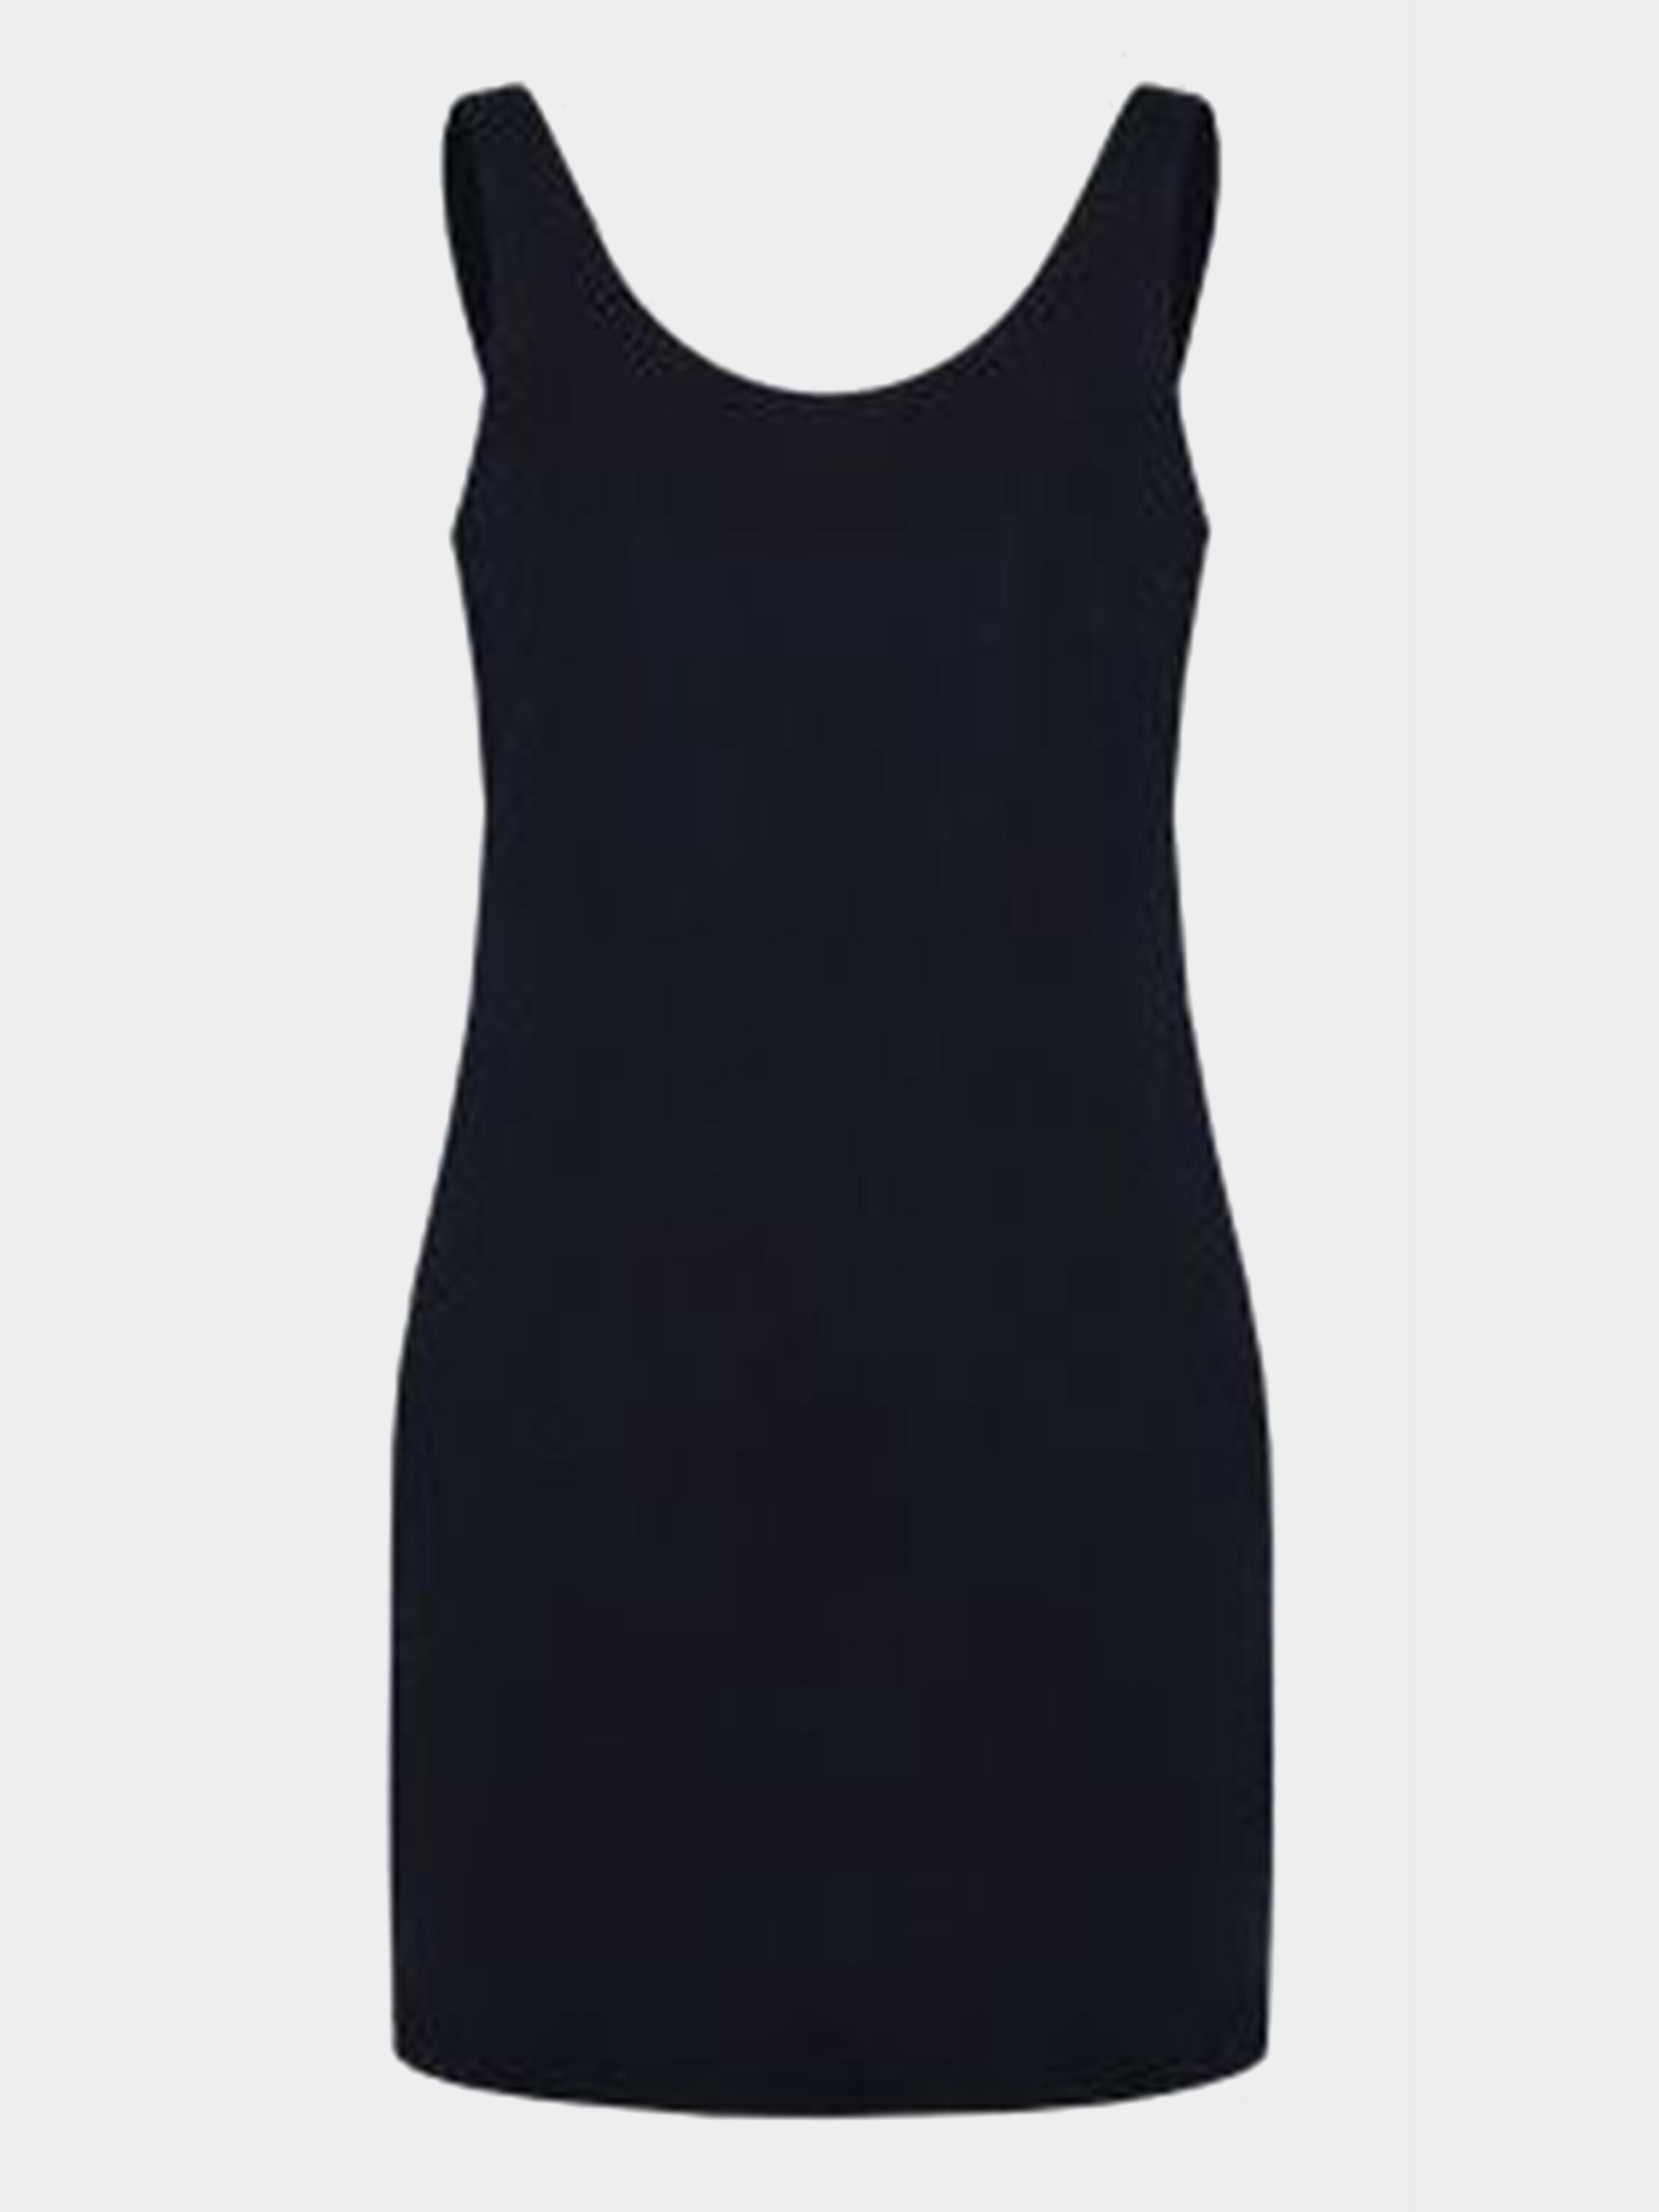 Платье женские Armani Exchange модель QZ1318 отзывы, 2017